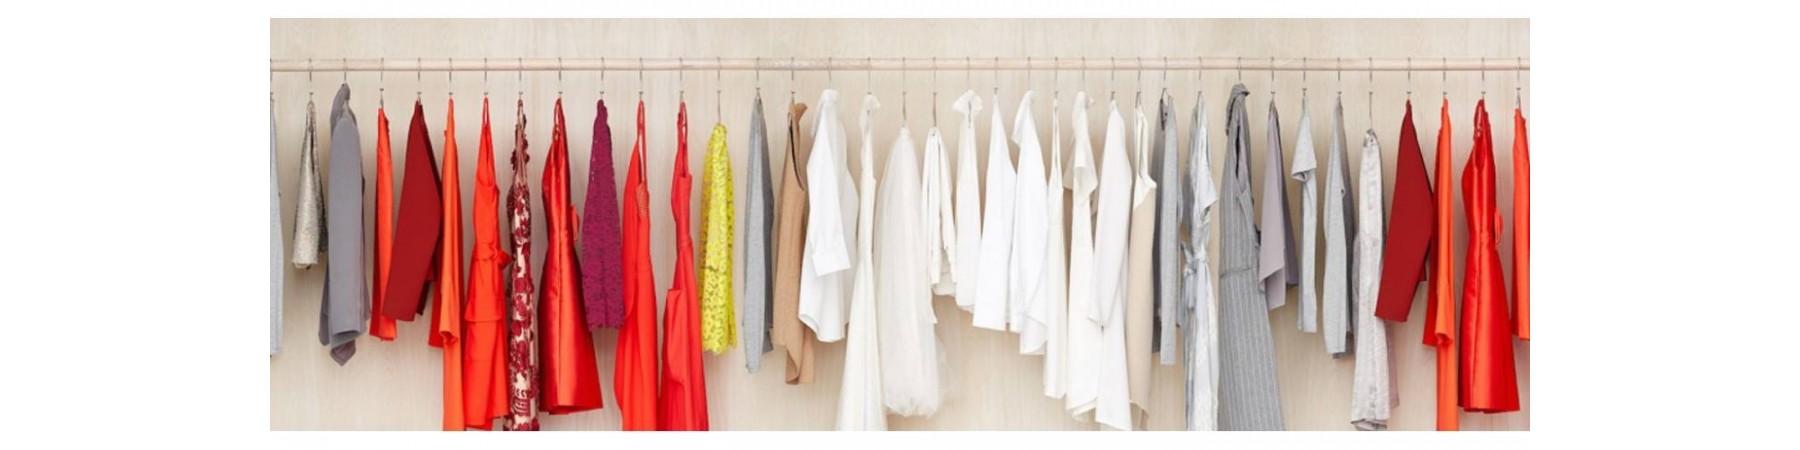 Thời trang, quần áo cho mẹ và cho bé. Hàng cao cấp, an toàn,chính hãng